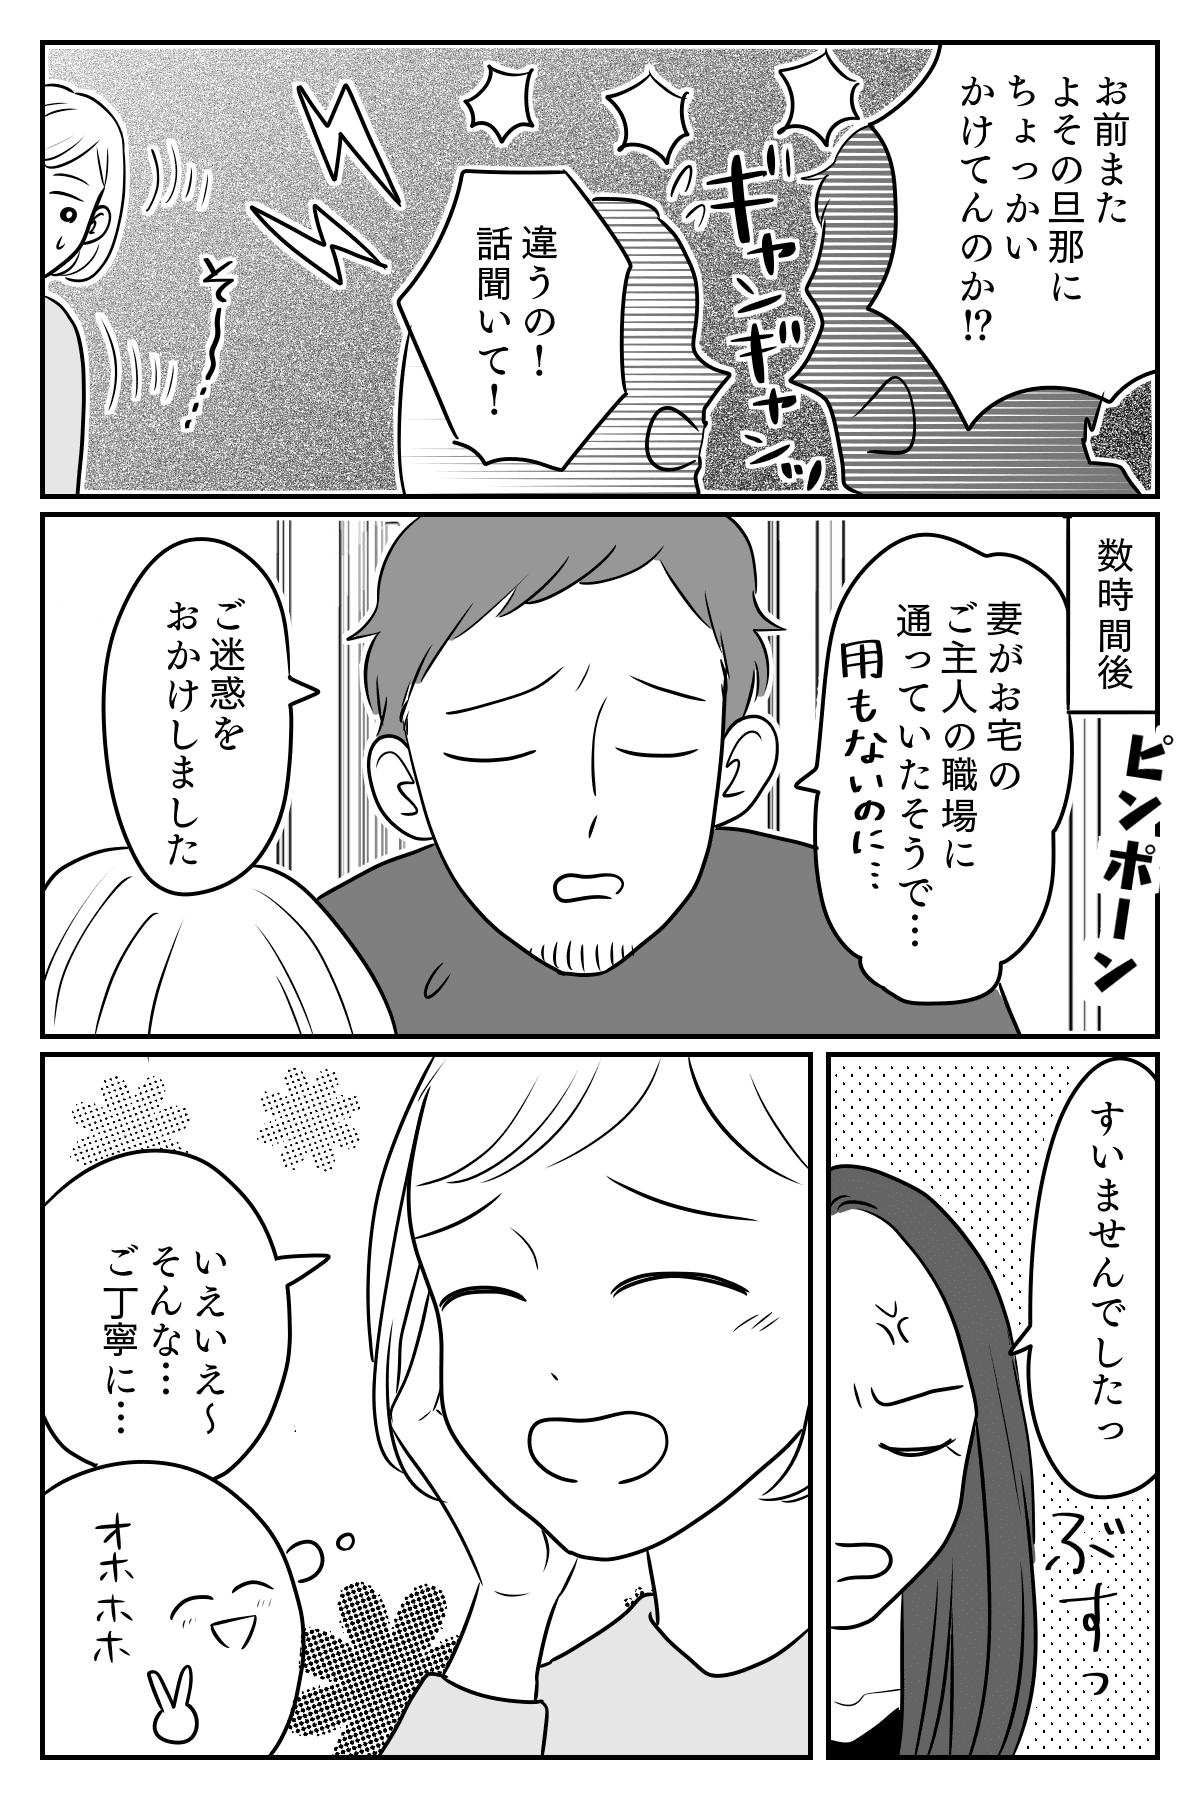 男好き2-3 (1)